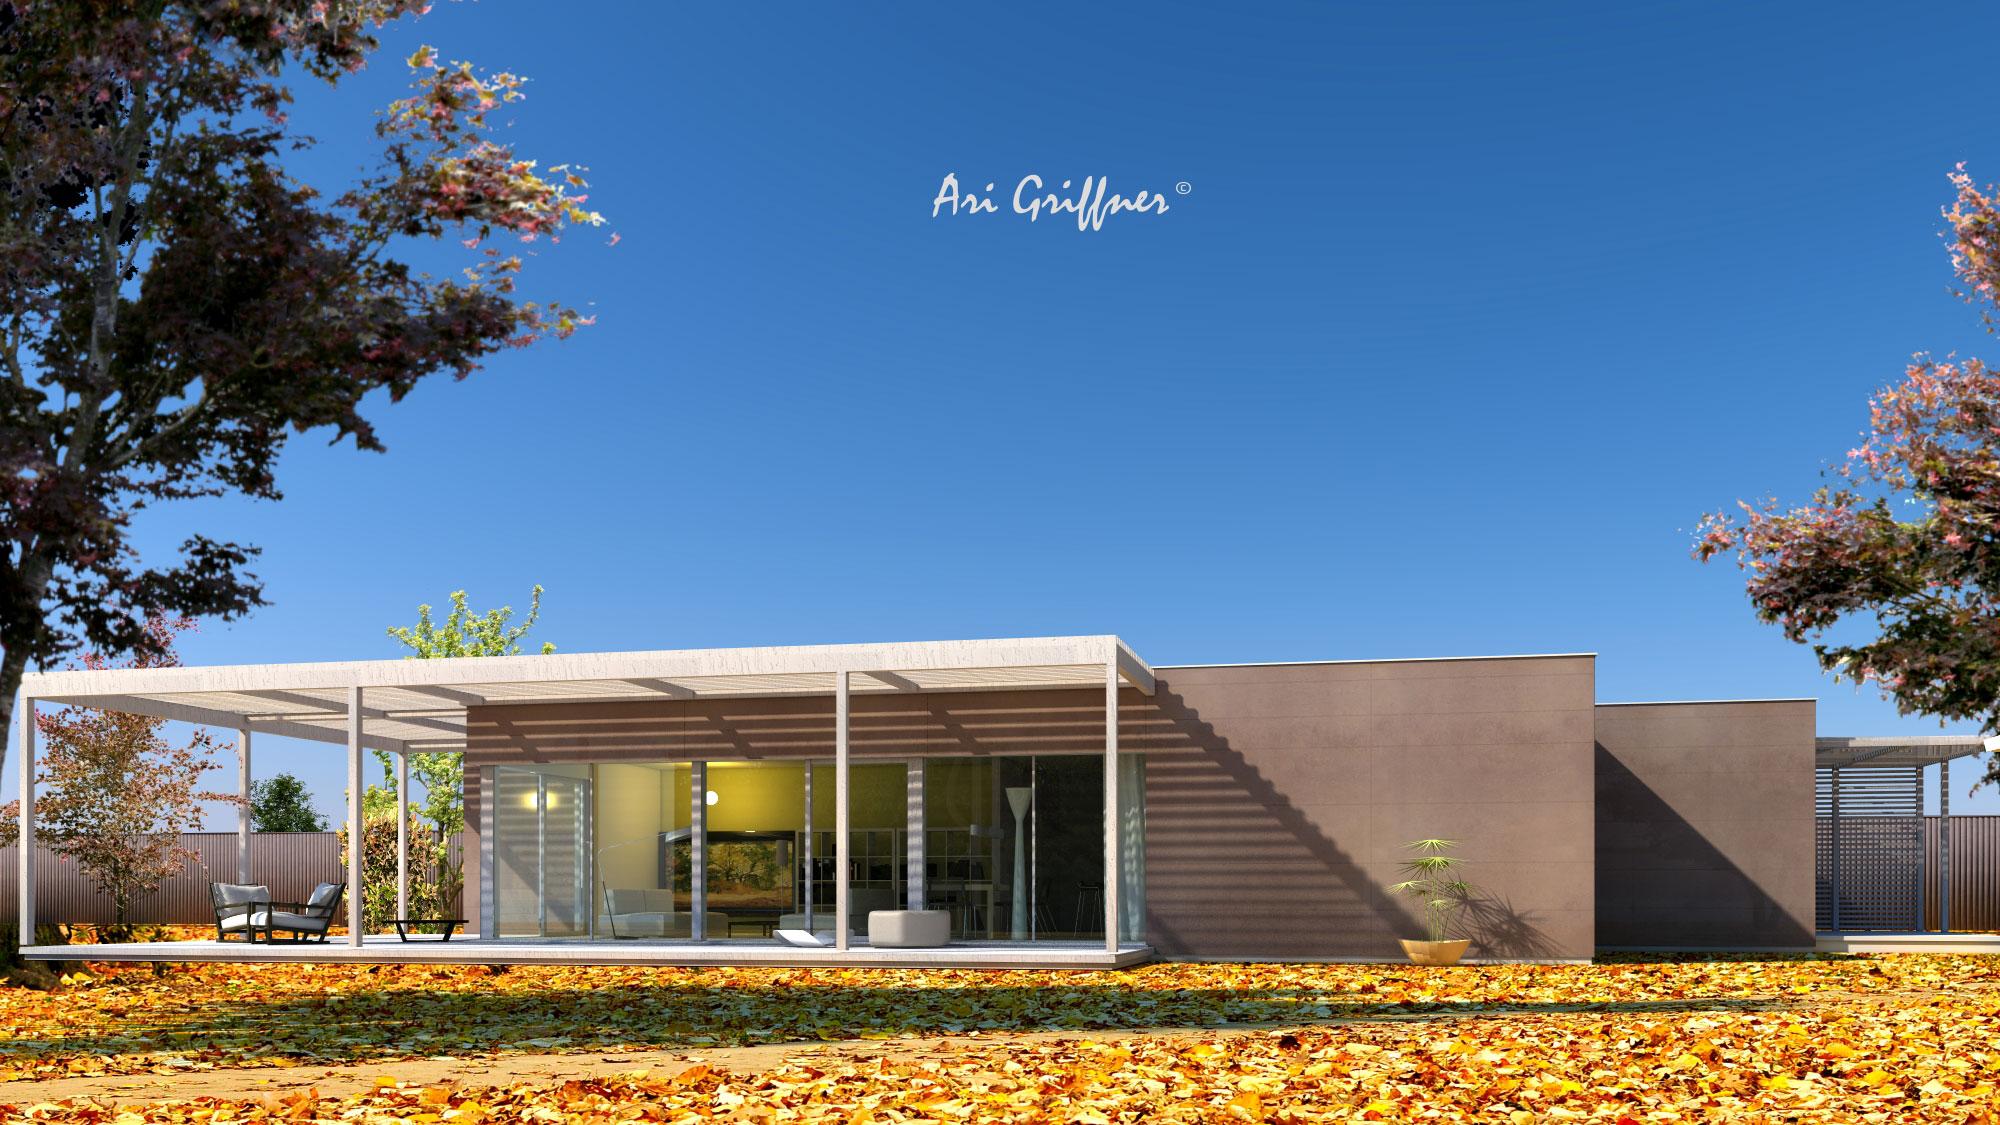 Rendering Terrassenhaus in modernem Design mit Flachdach und asymmetrischer Fensteranordnung